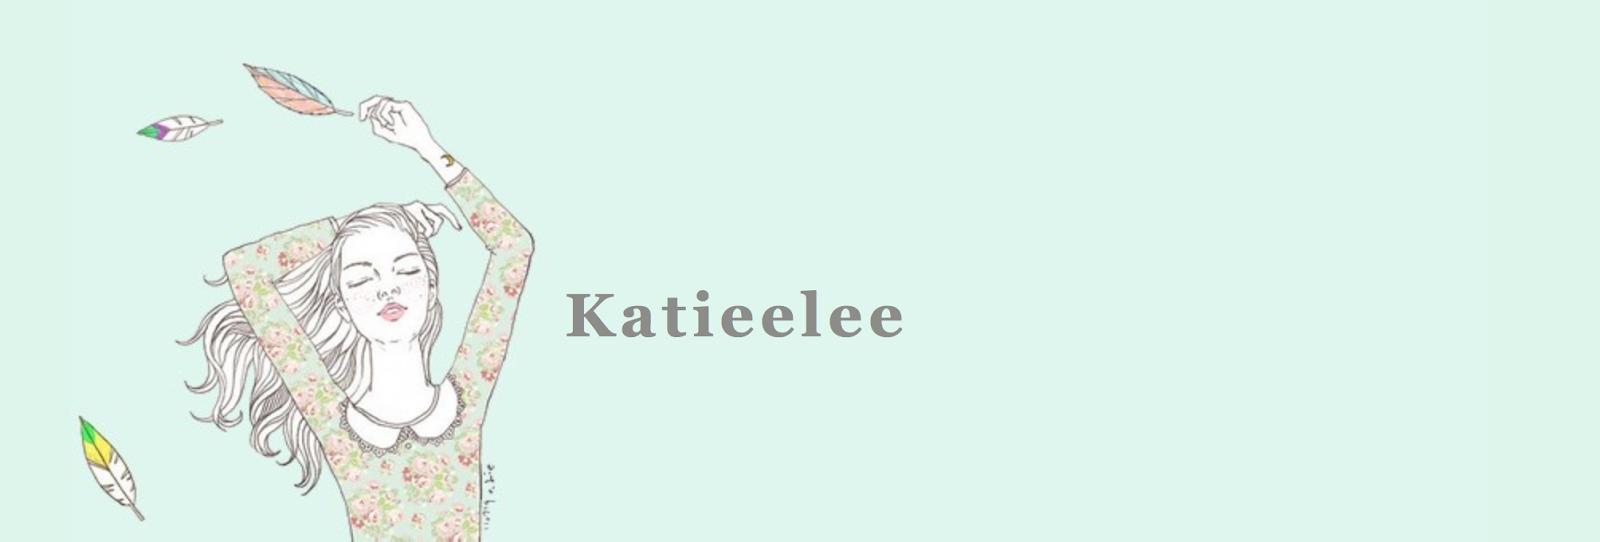 Katieelee